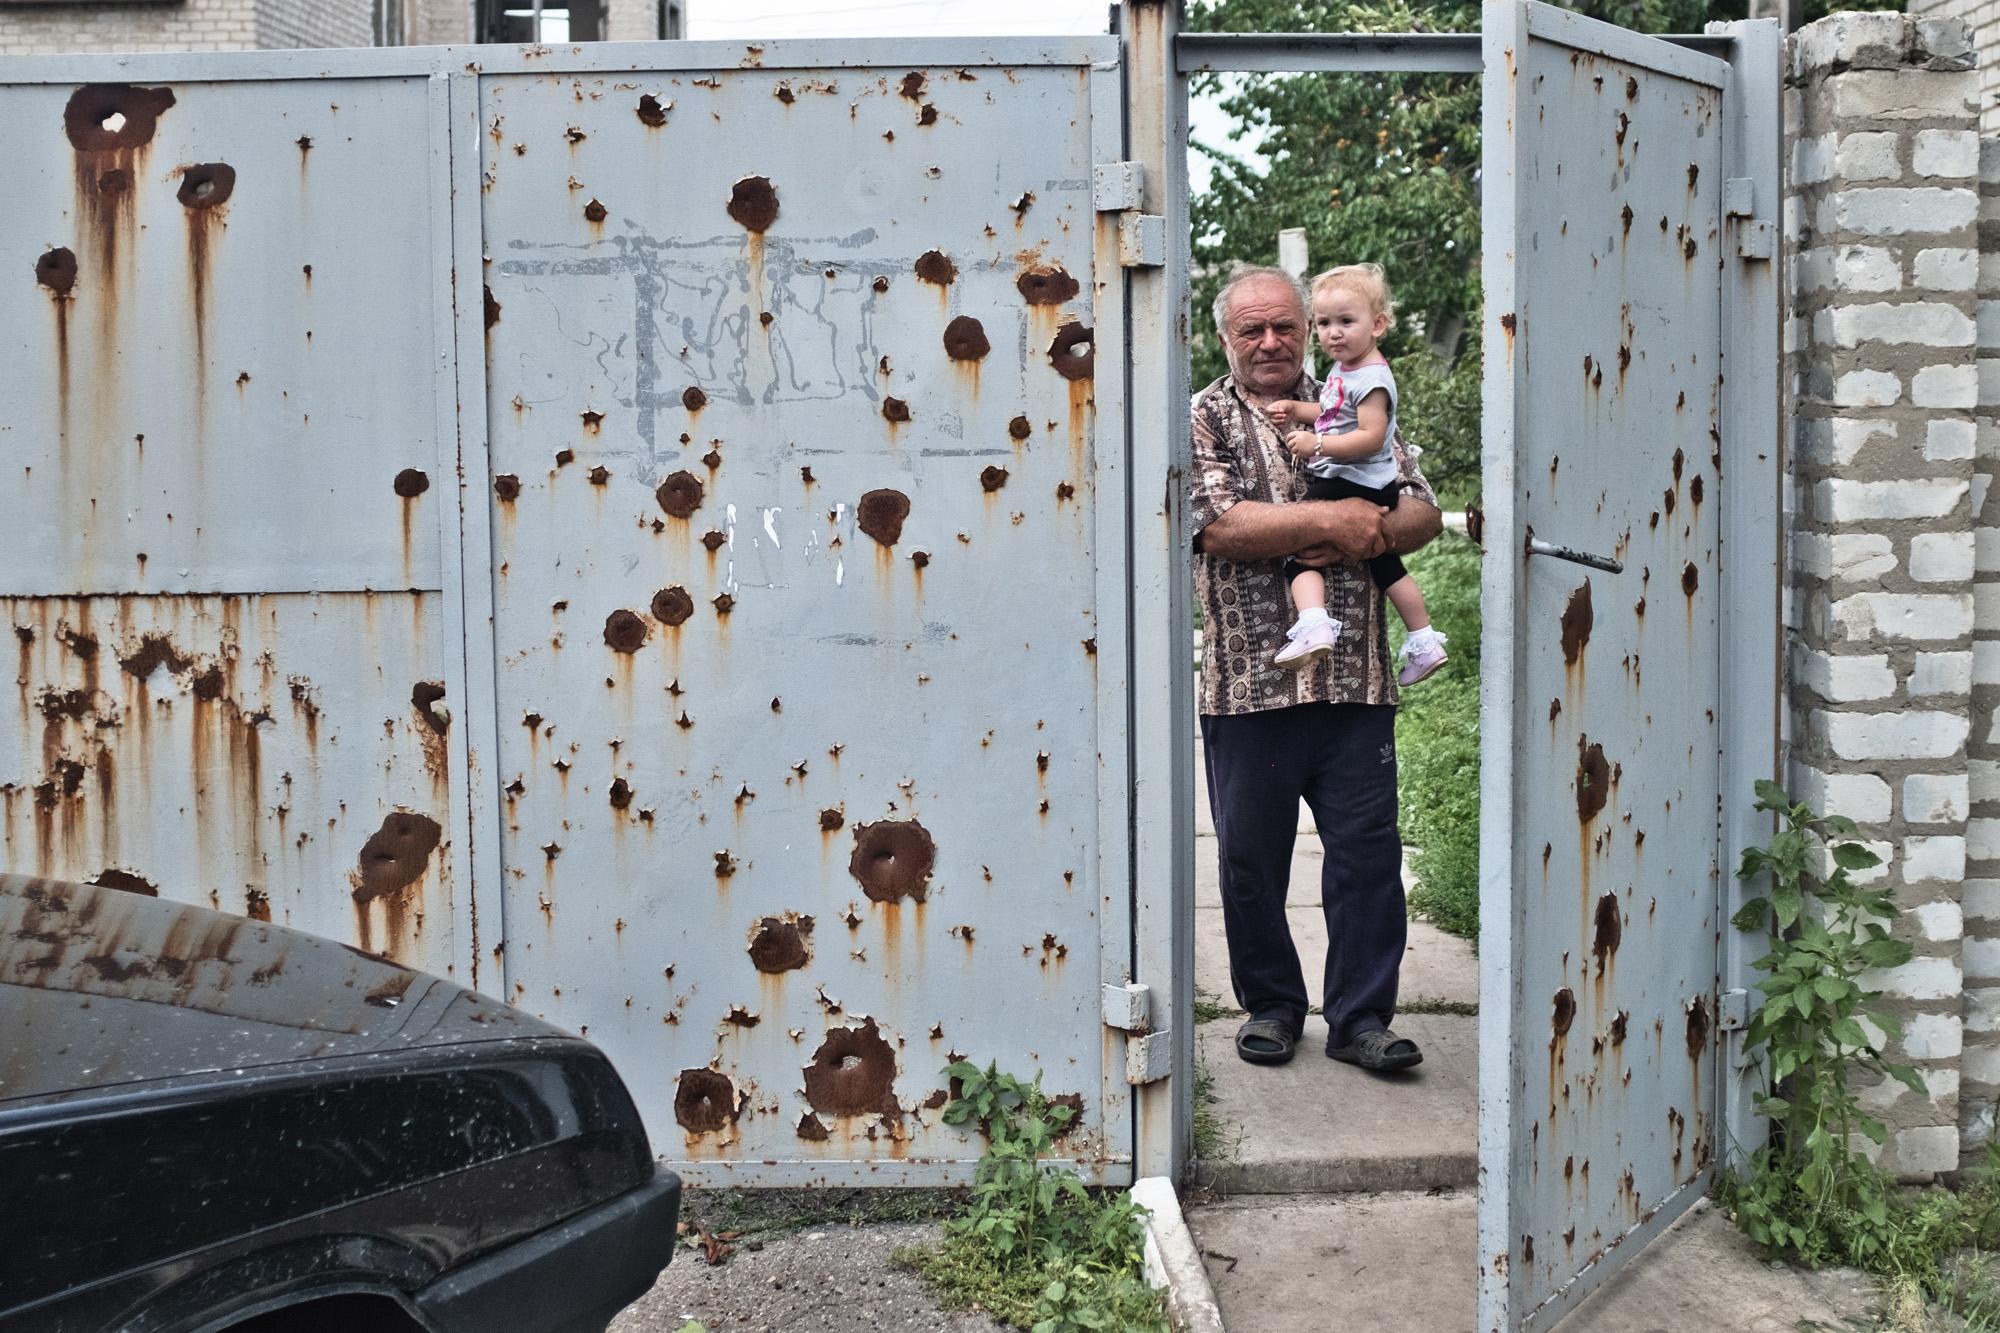 Ein Großvater hält seine Enkeltochter in Stanyzja Luhanska im Arm. Am Tor zu sehen: zahlreiche Einschusslöcher.